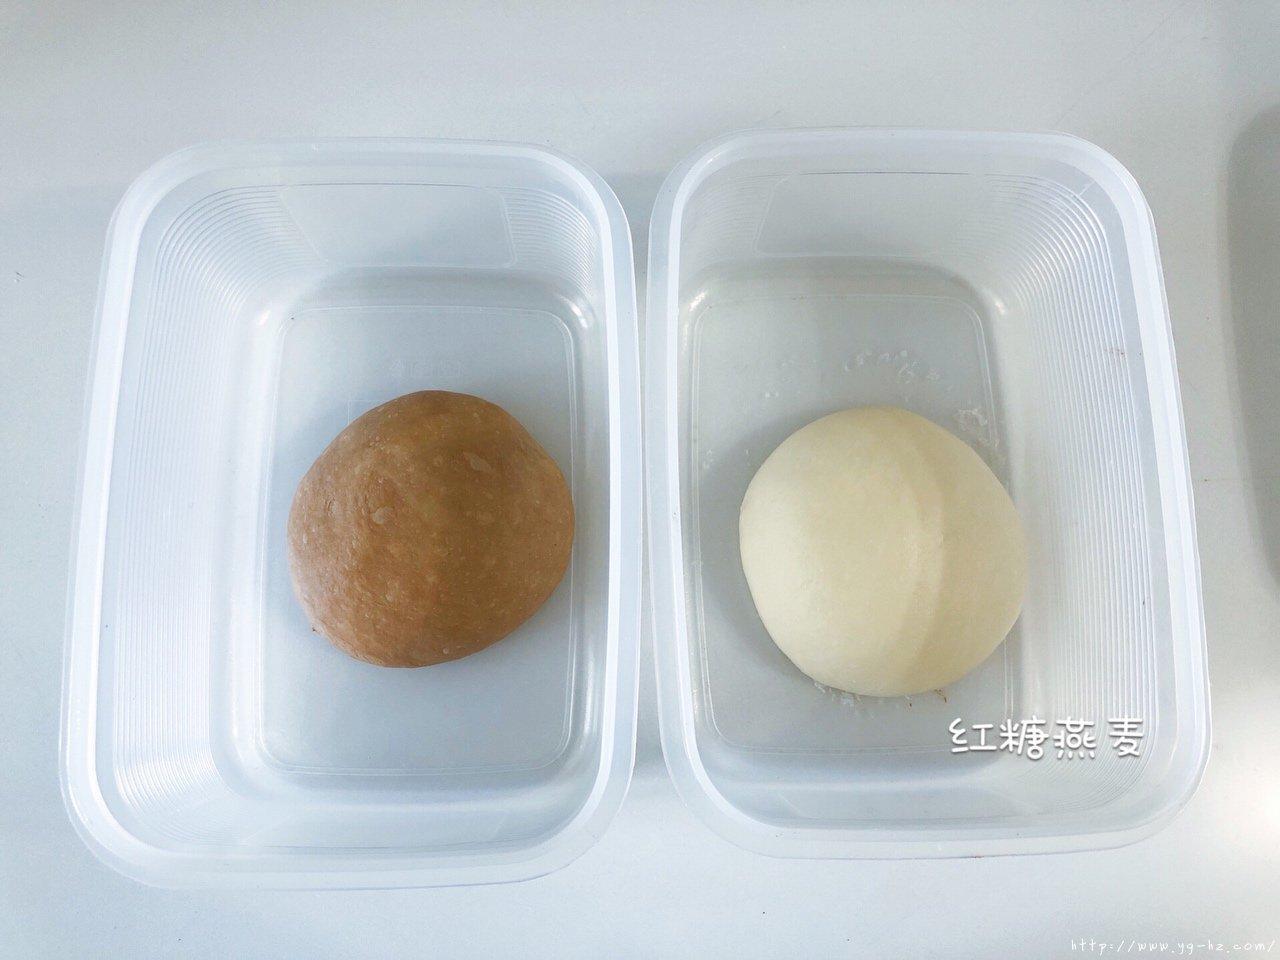 椰椰生椰拿铁吐司 持续下一个爆款的做法 步骤8